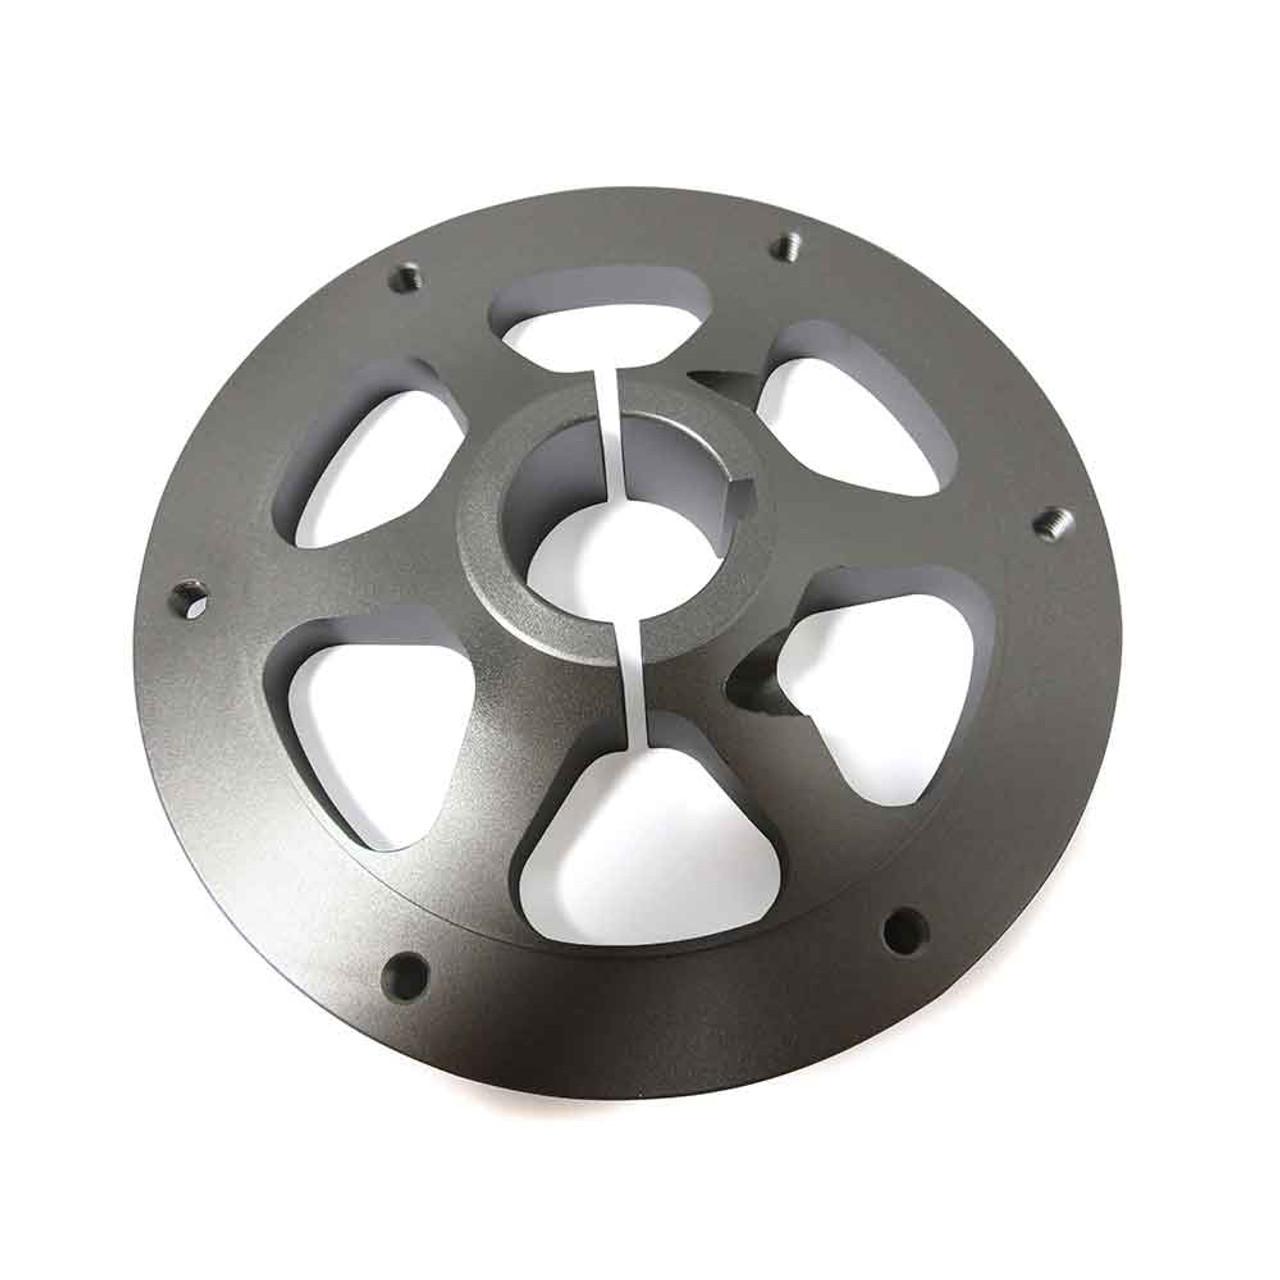 Standard Sprocket Hub - 1-1/4''